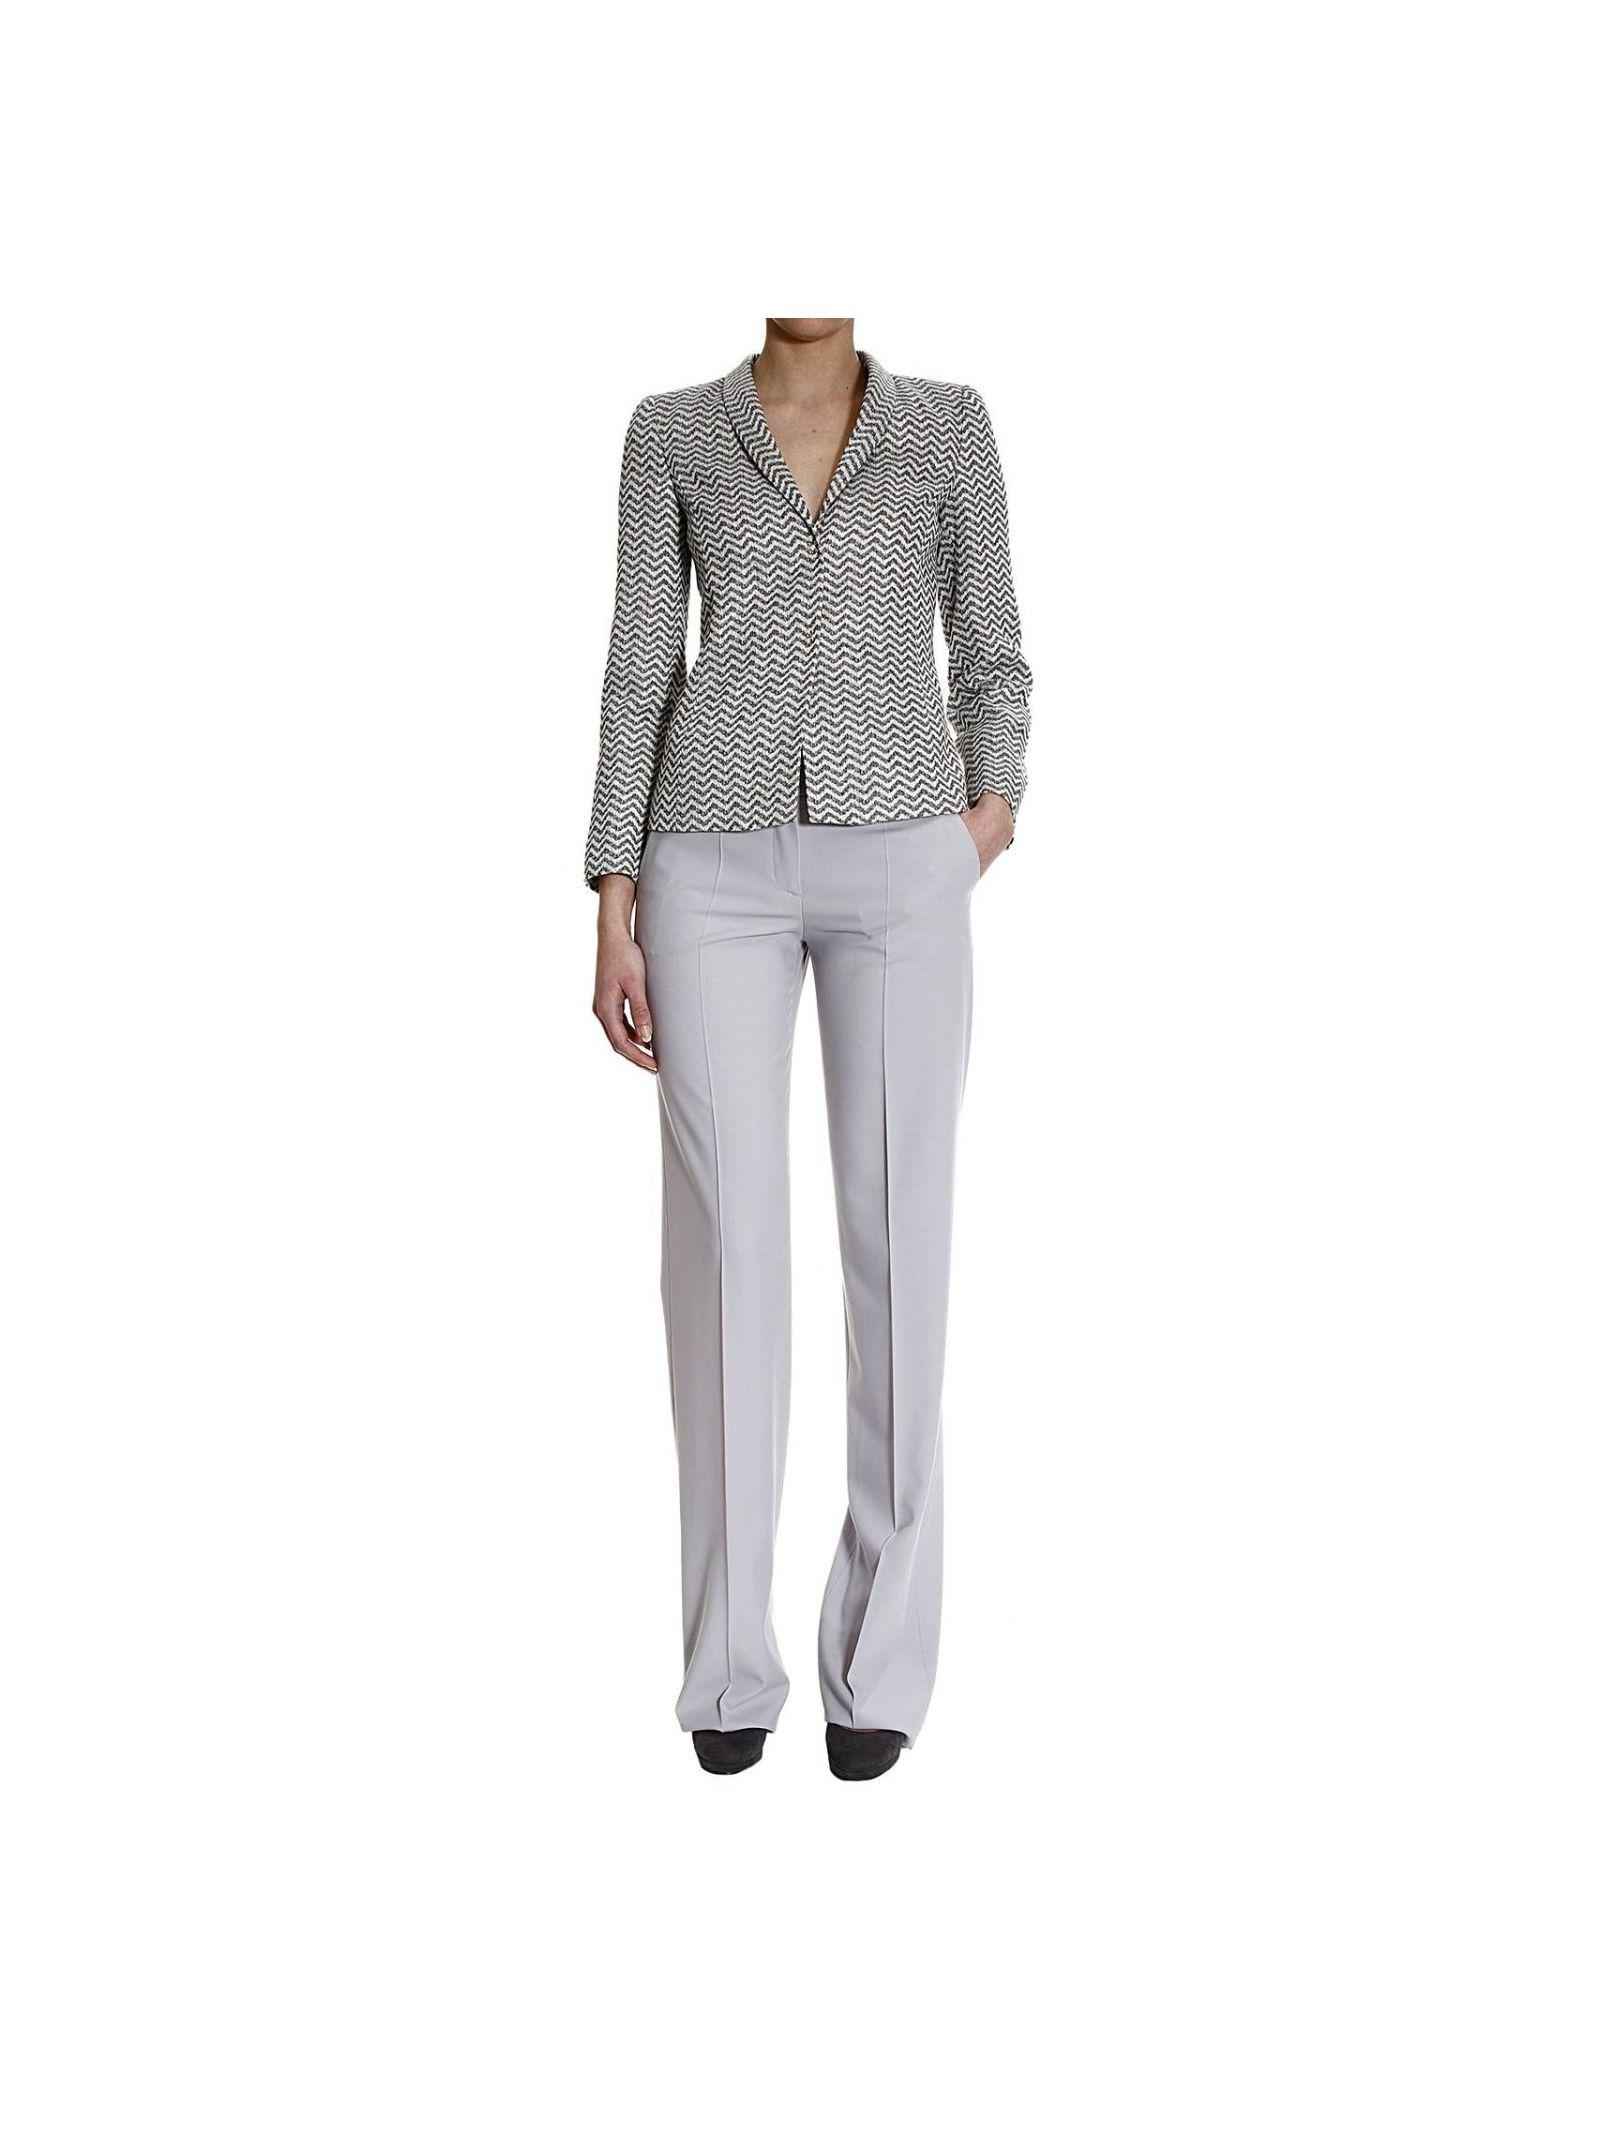 Suit Jaquard Barb Pants Tailleur